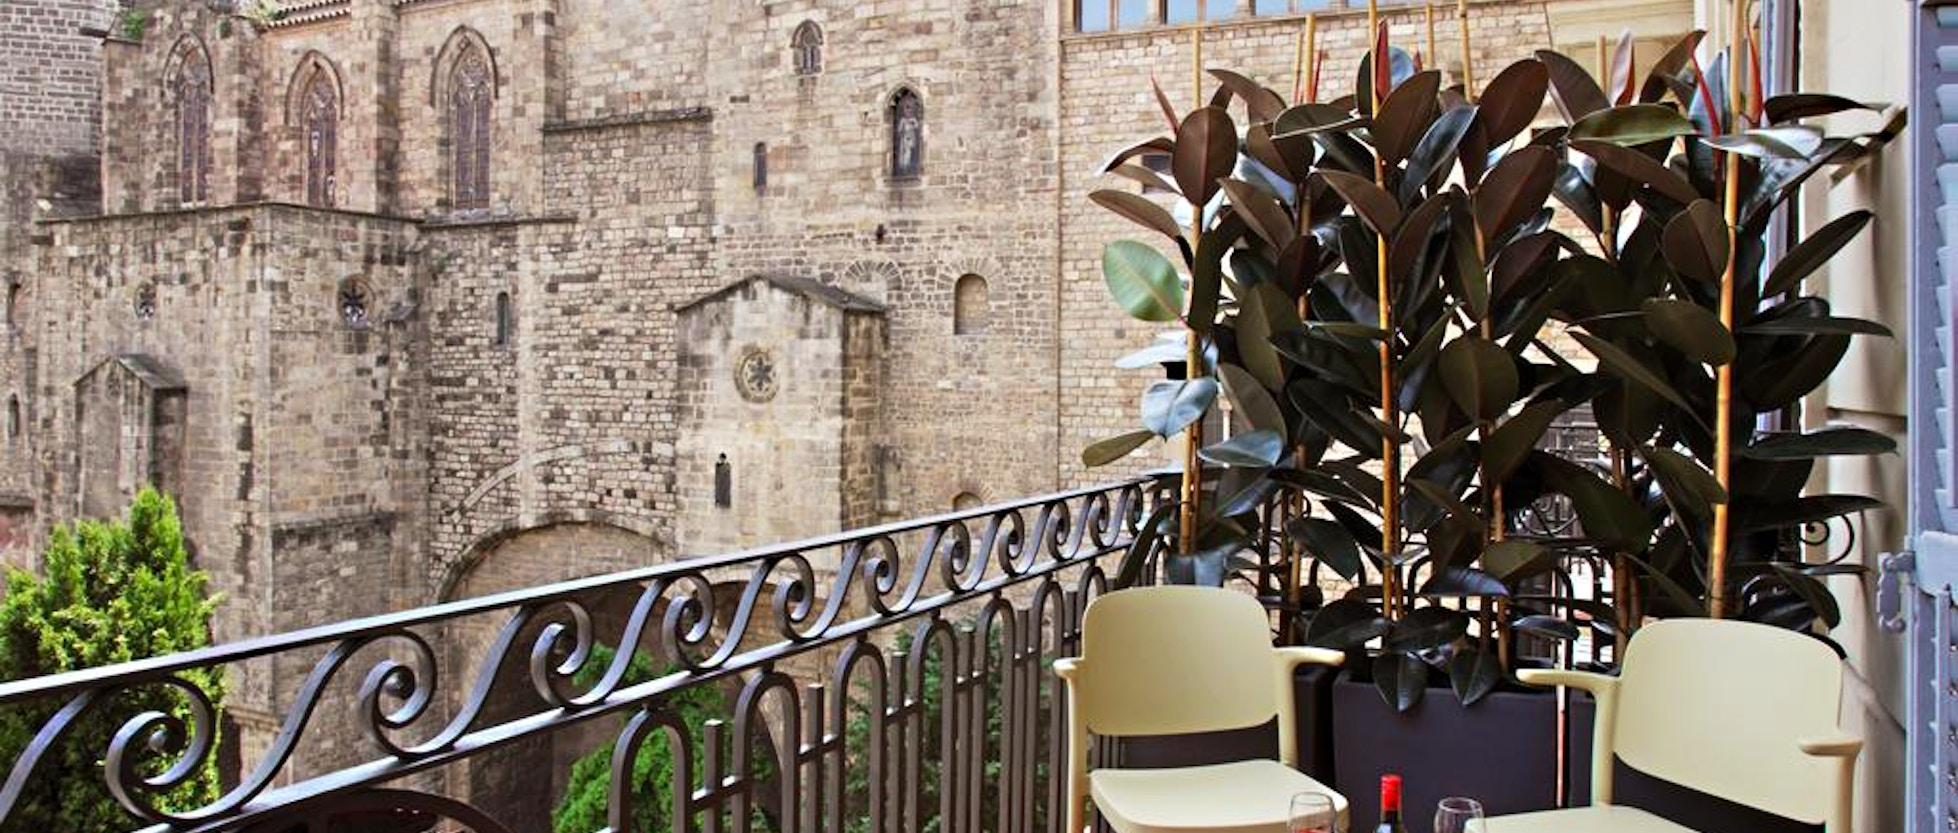 Hotel a Barcellona centro: Dormire vicino alle attrazioni